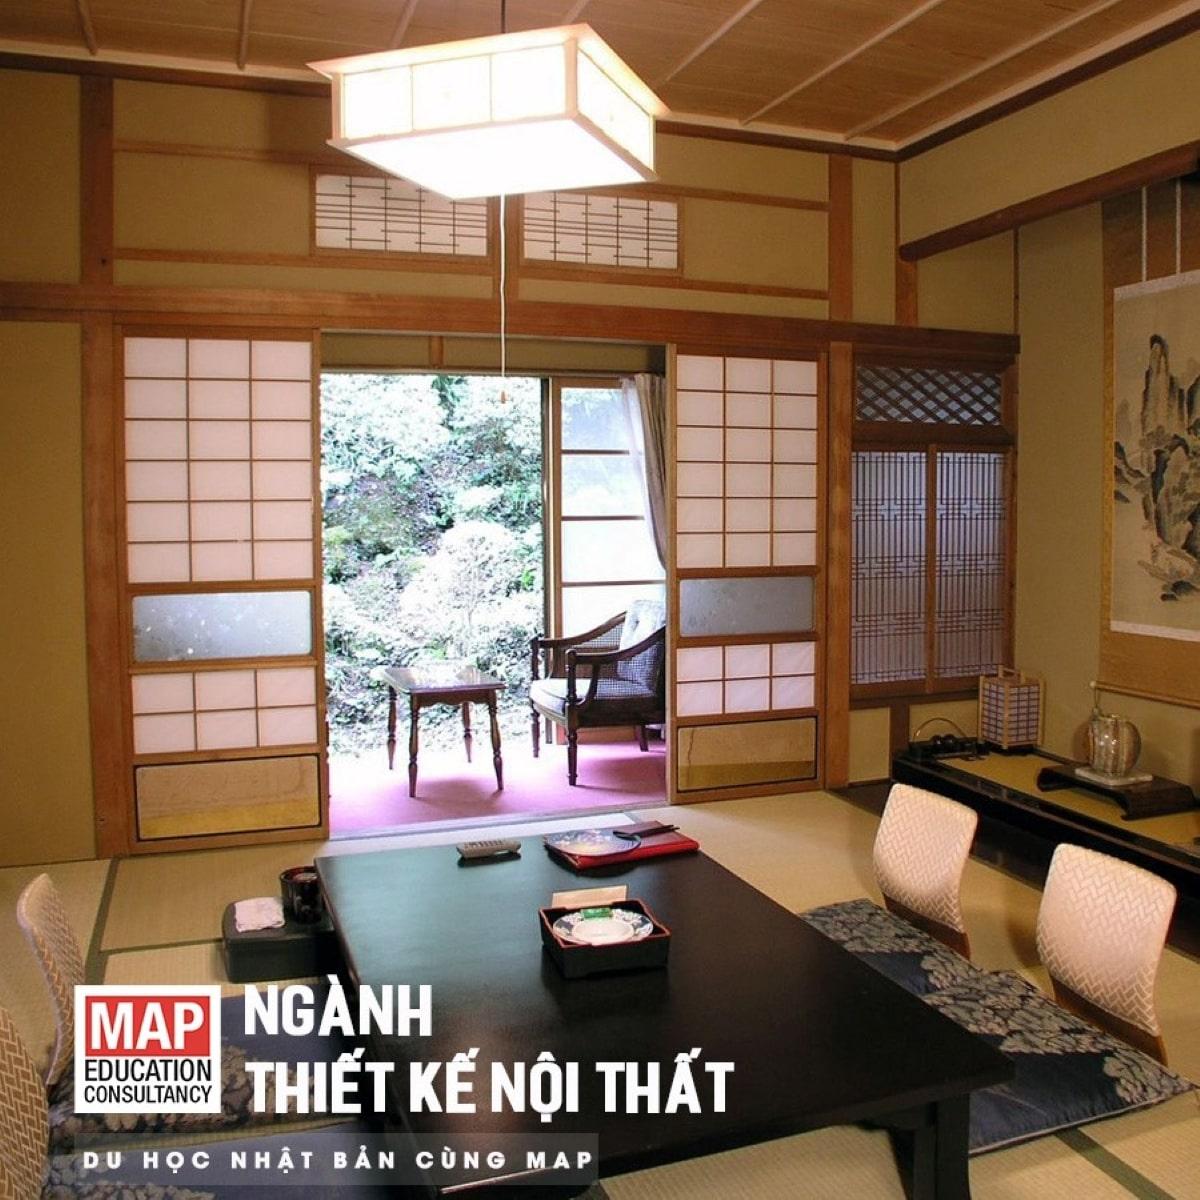 Du học Nhật Bản ngành thiết kế nội thất – Cơ hội tiếp cận phong cách bày trí đơn giản và tinh xảo